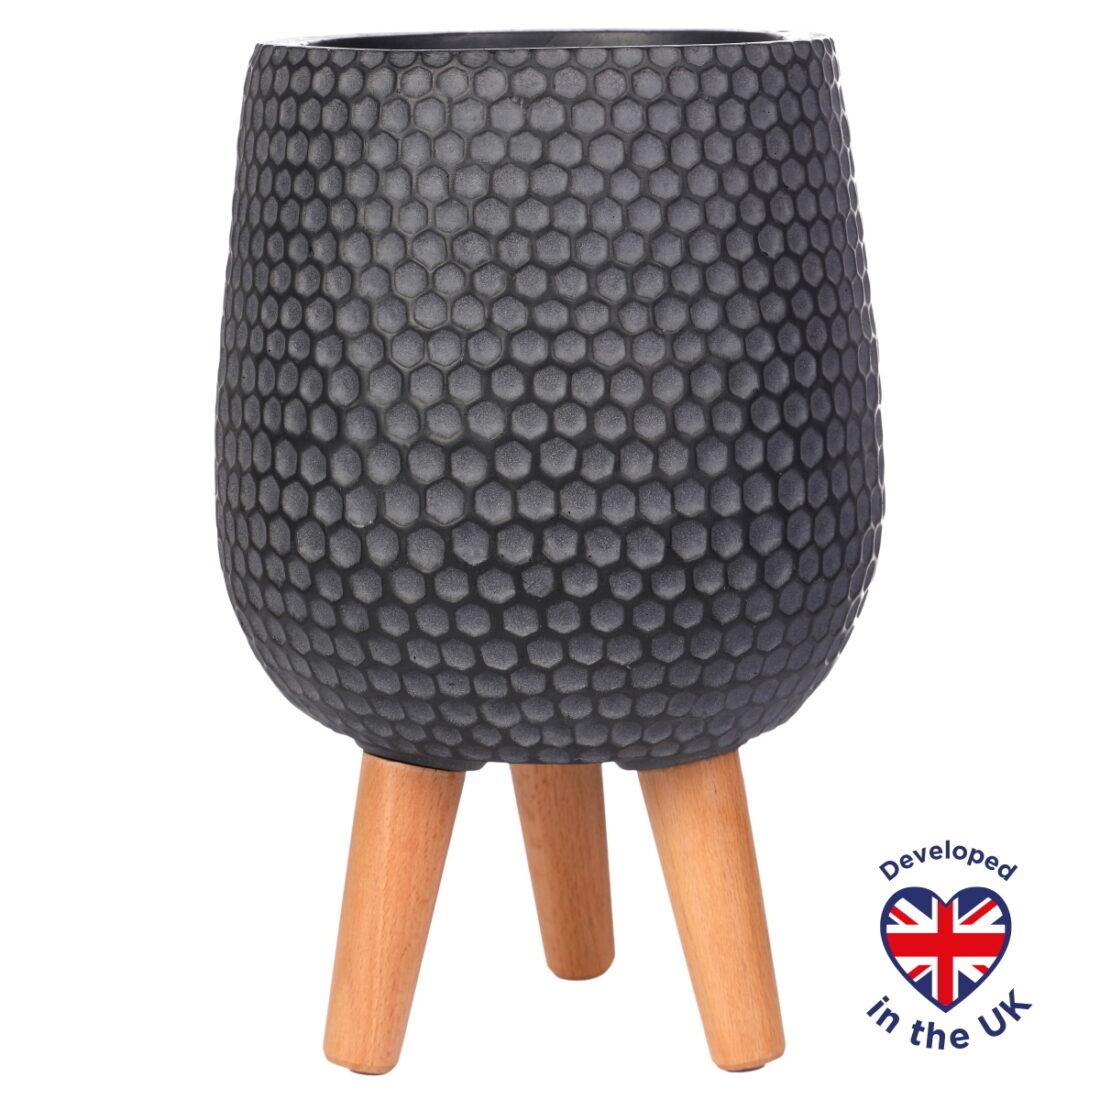 Напольное кашпо для цветов Idealist Lite Ханни, круглое, черное, Д32 В43 см, 21.9 л